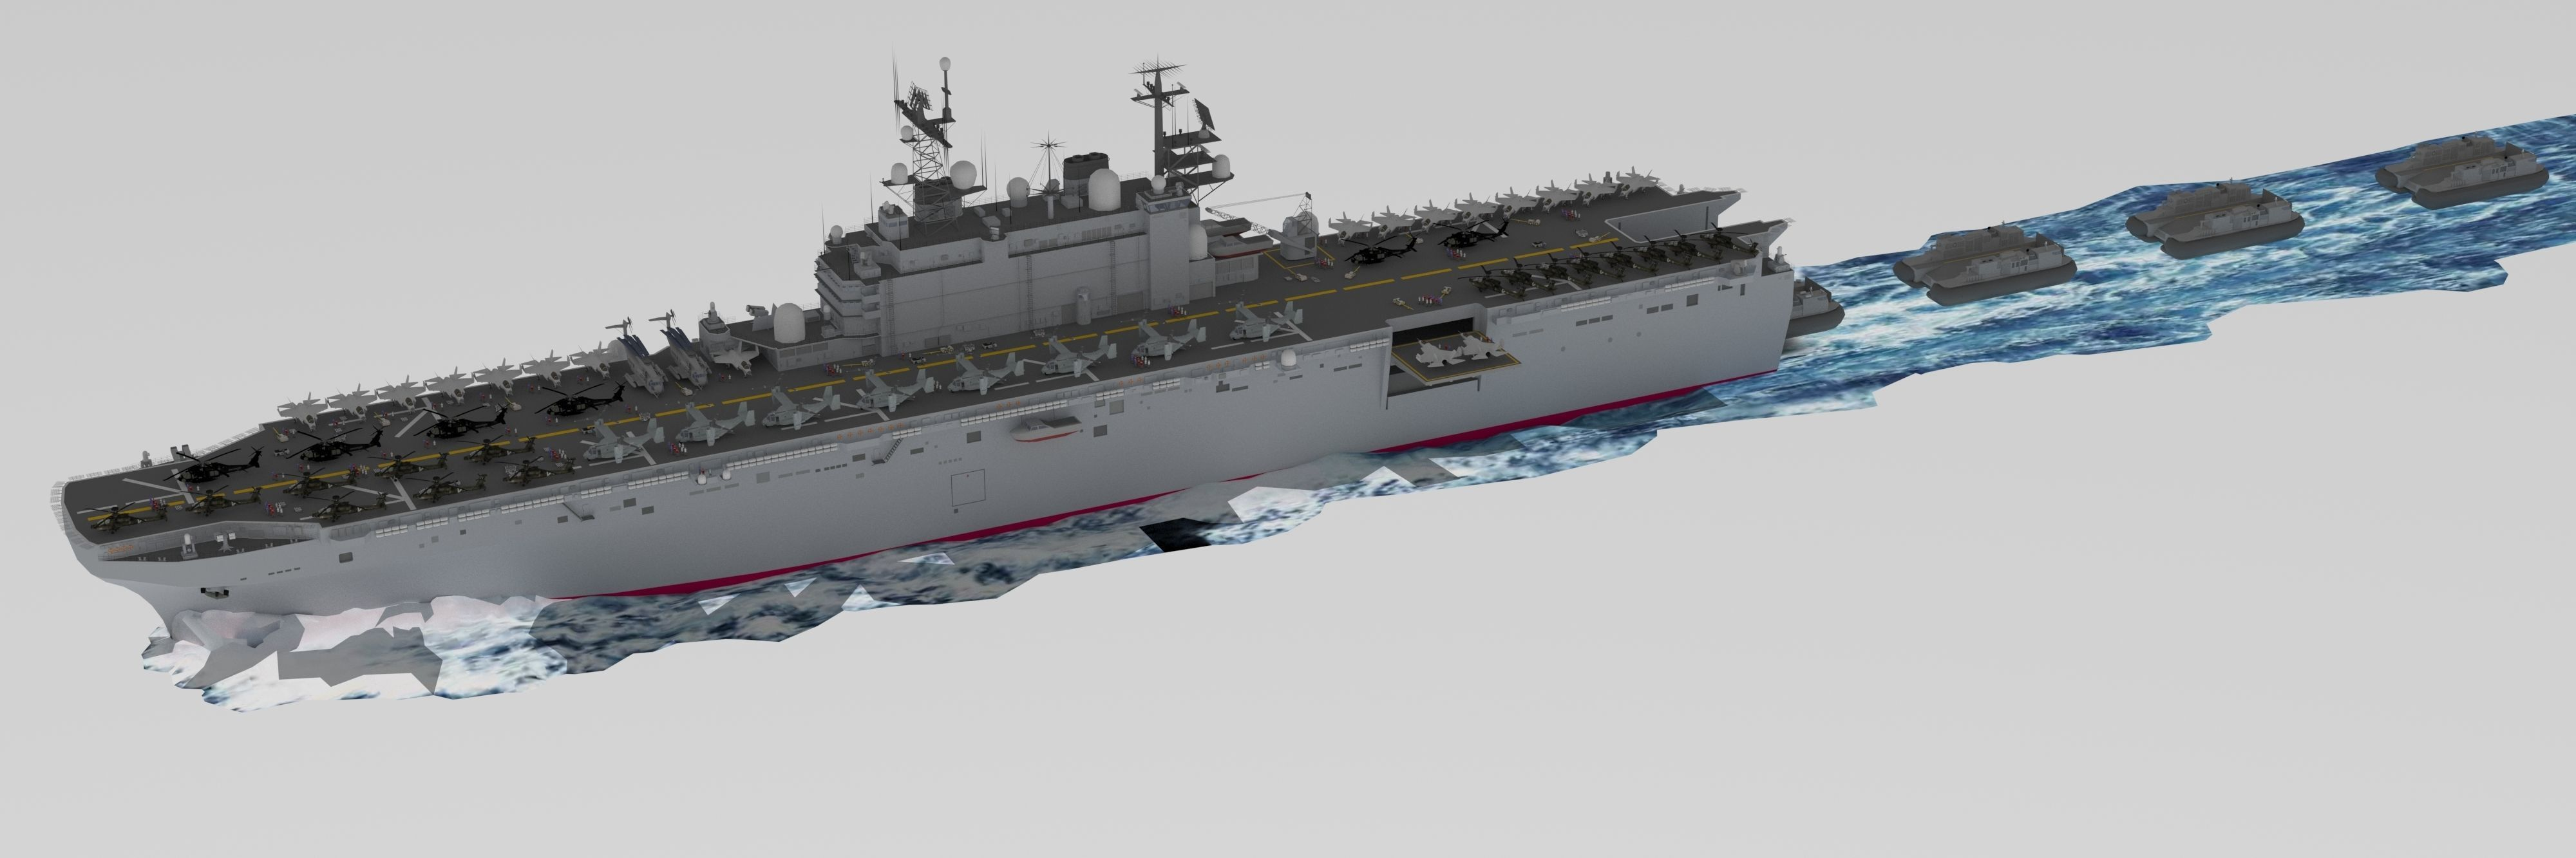 UNITED STATES NAVY USS 270